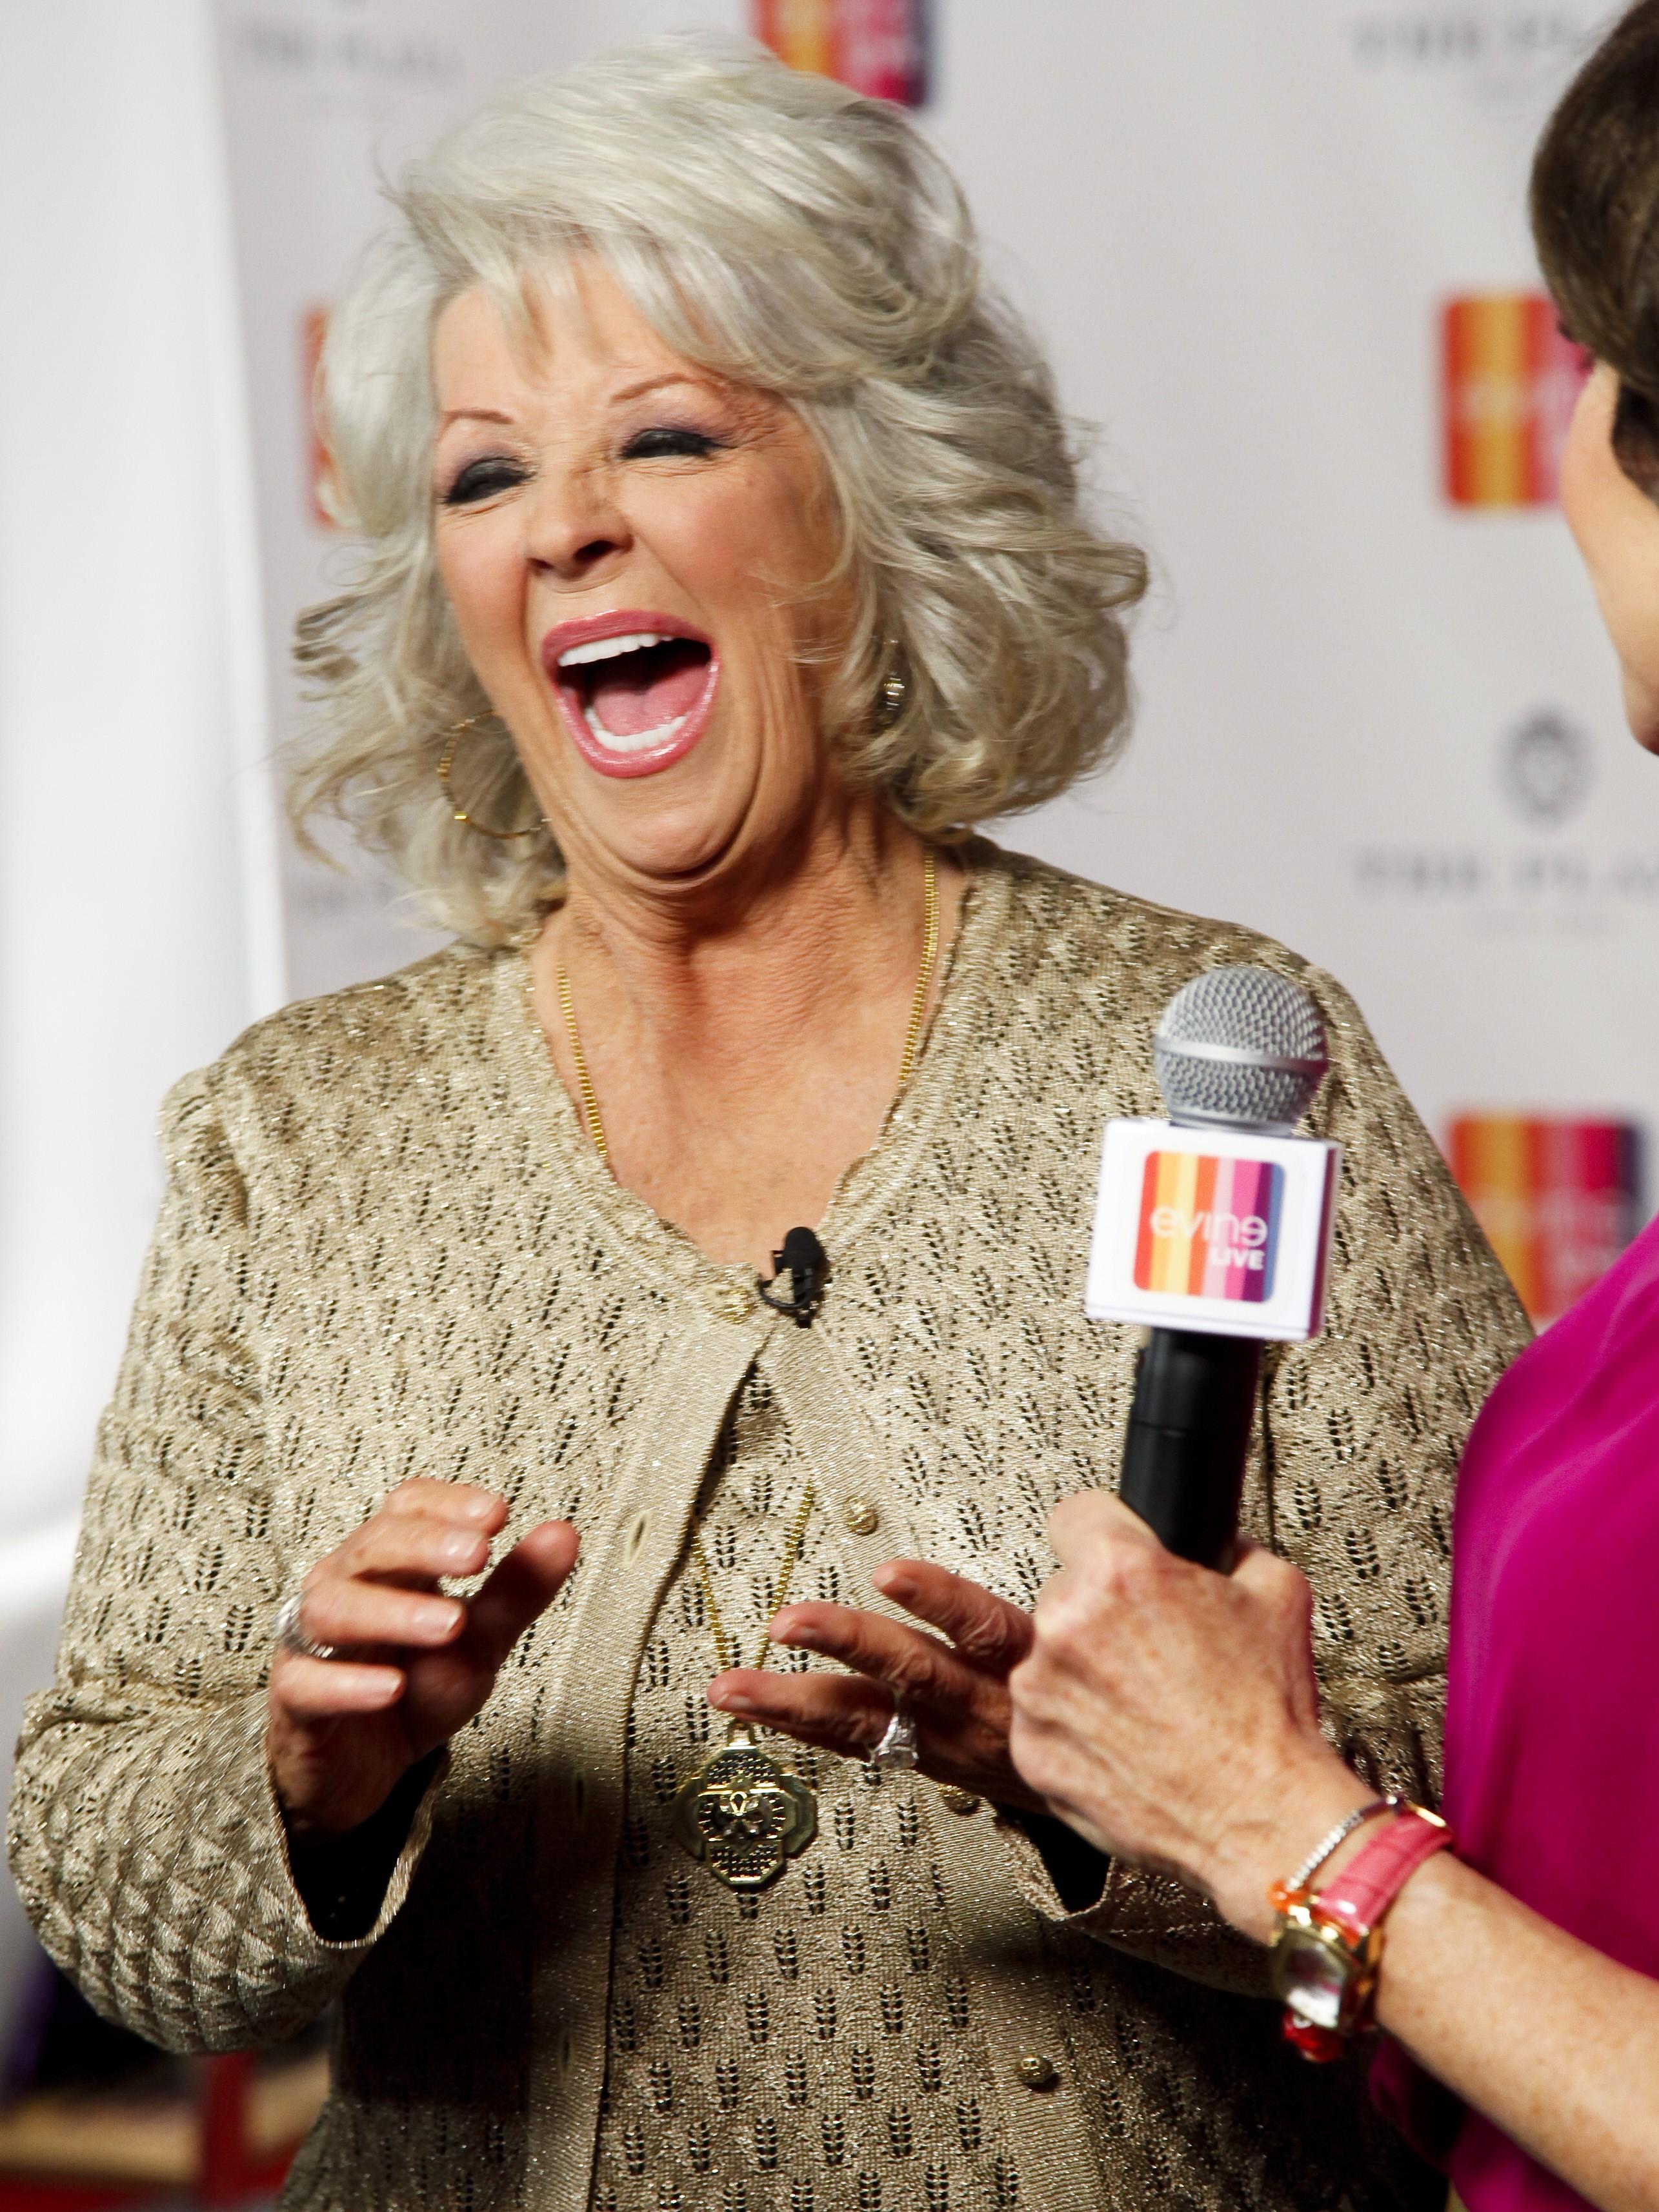 Paula Deen laughing